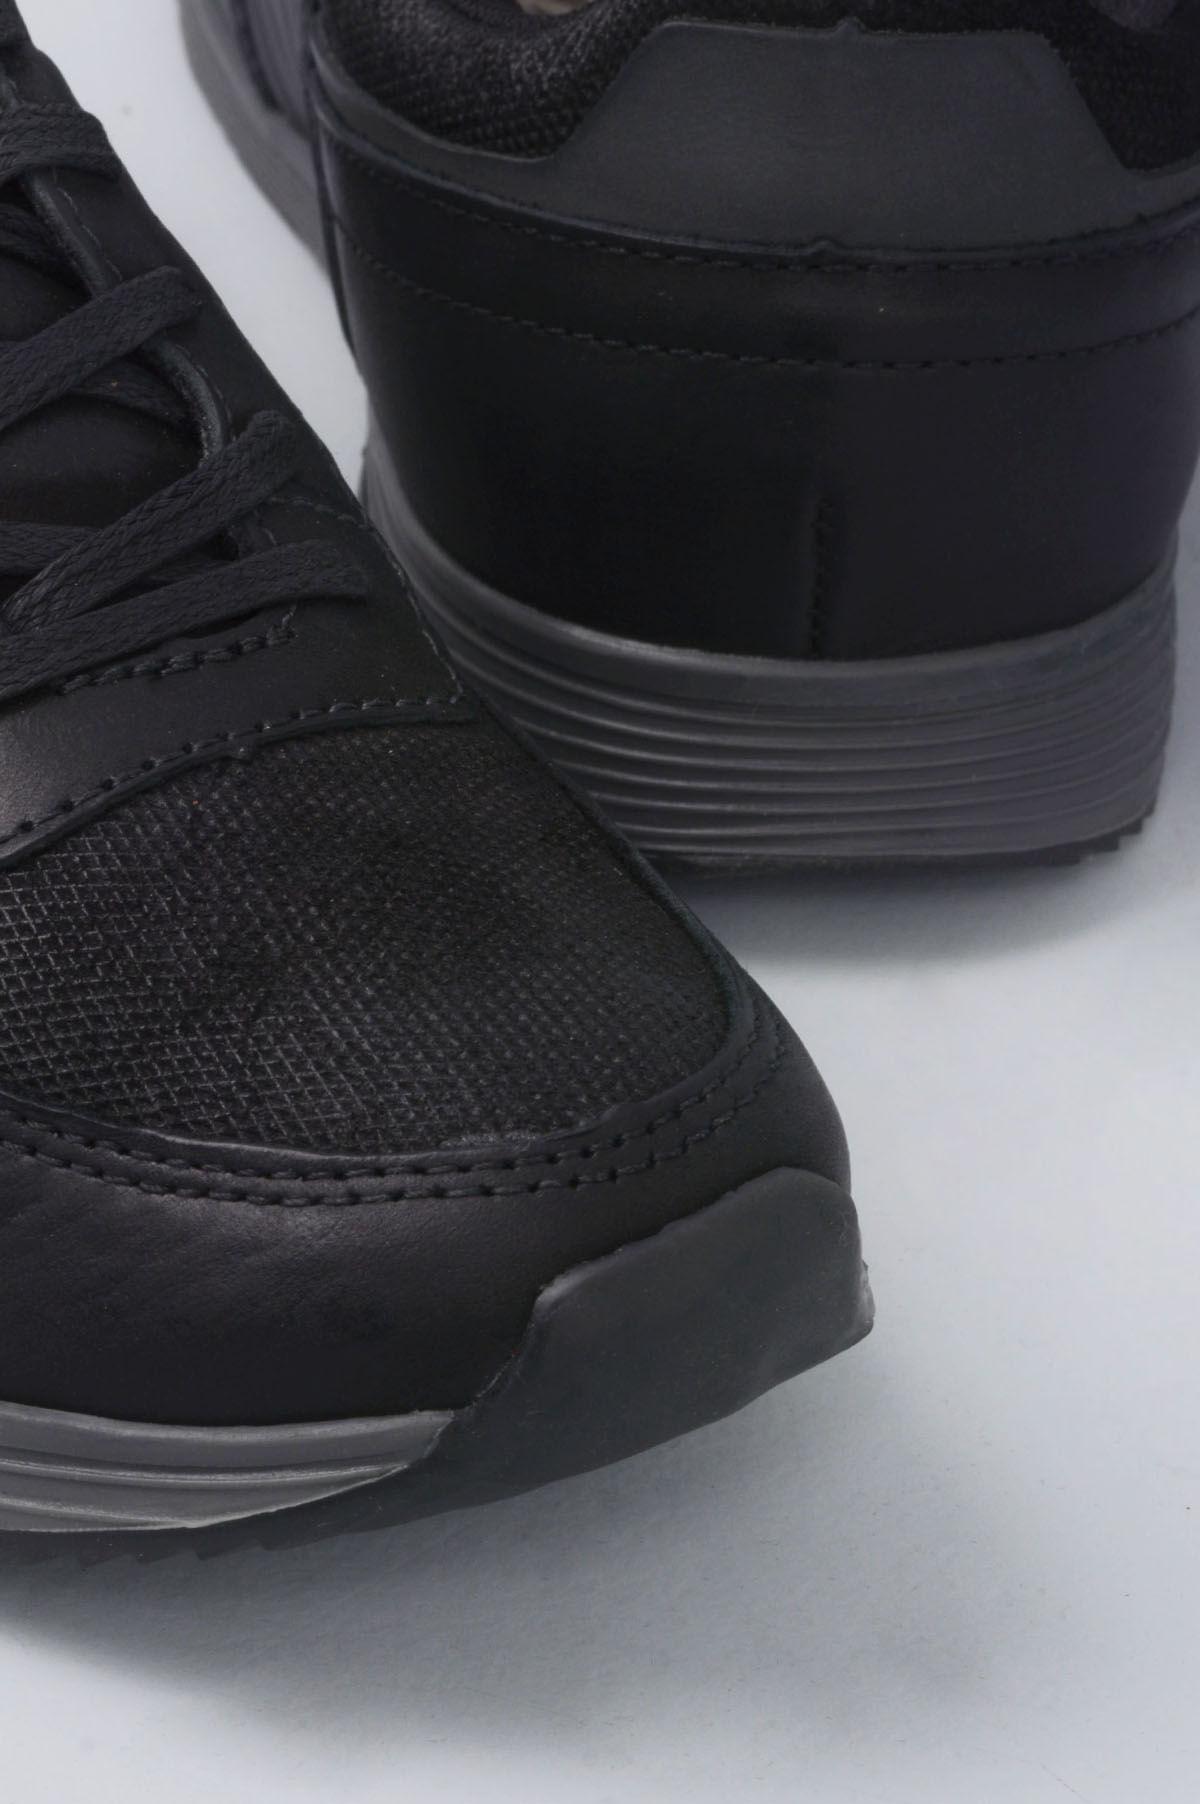 5995939de617f Sapatênis Masculino West Coast Iron CR-PRETO - Mundial Calçados